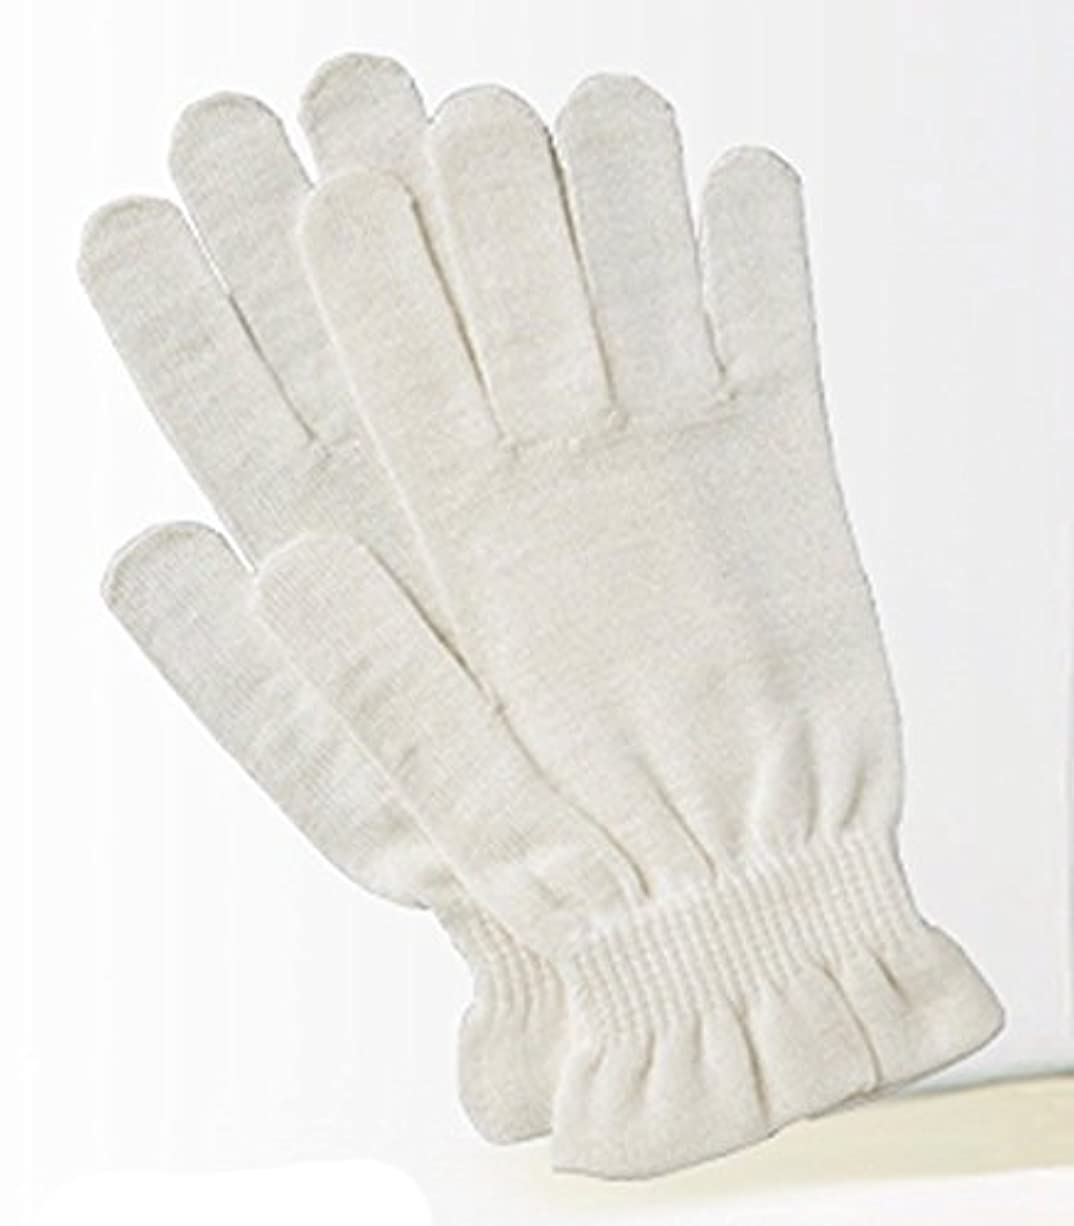 物理的な座る小間京都西陣の絹糸屋さんのシルク手袋